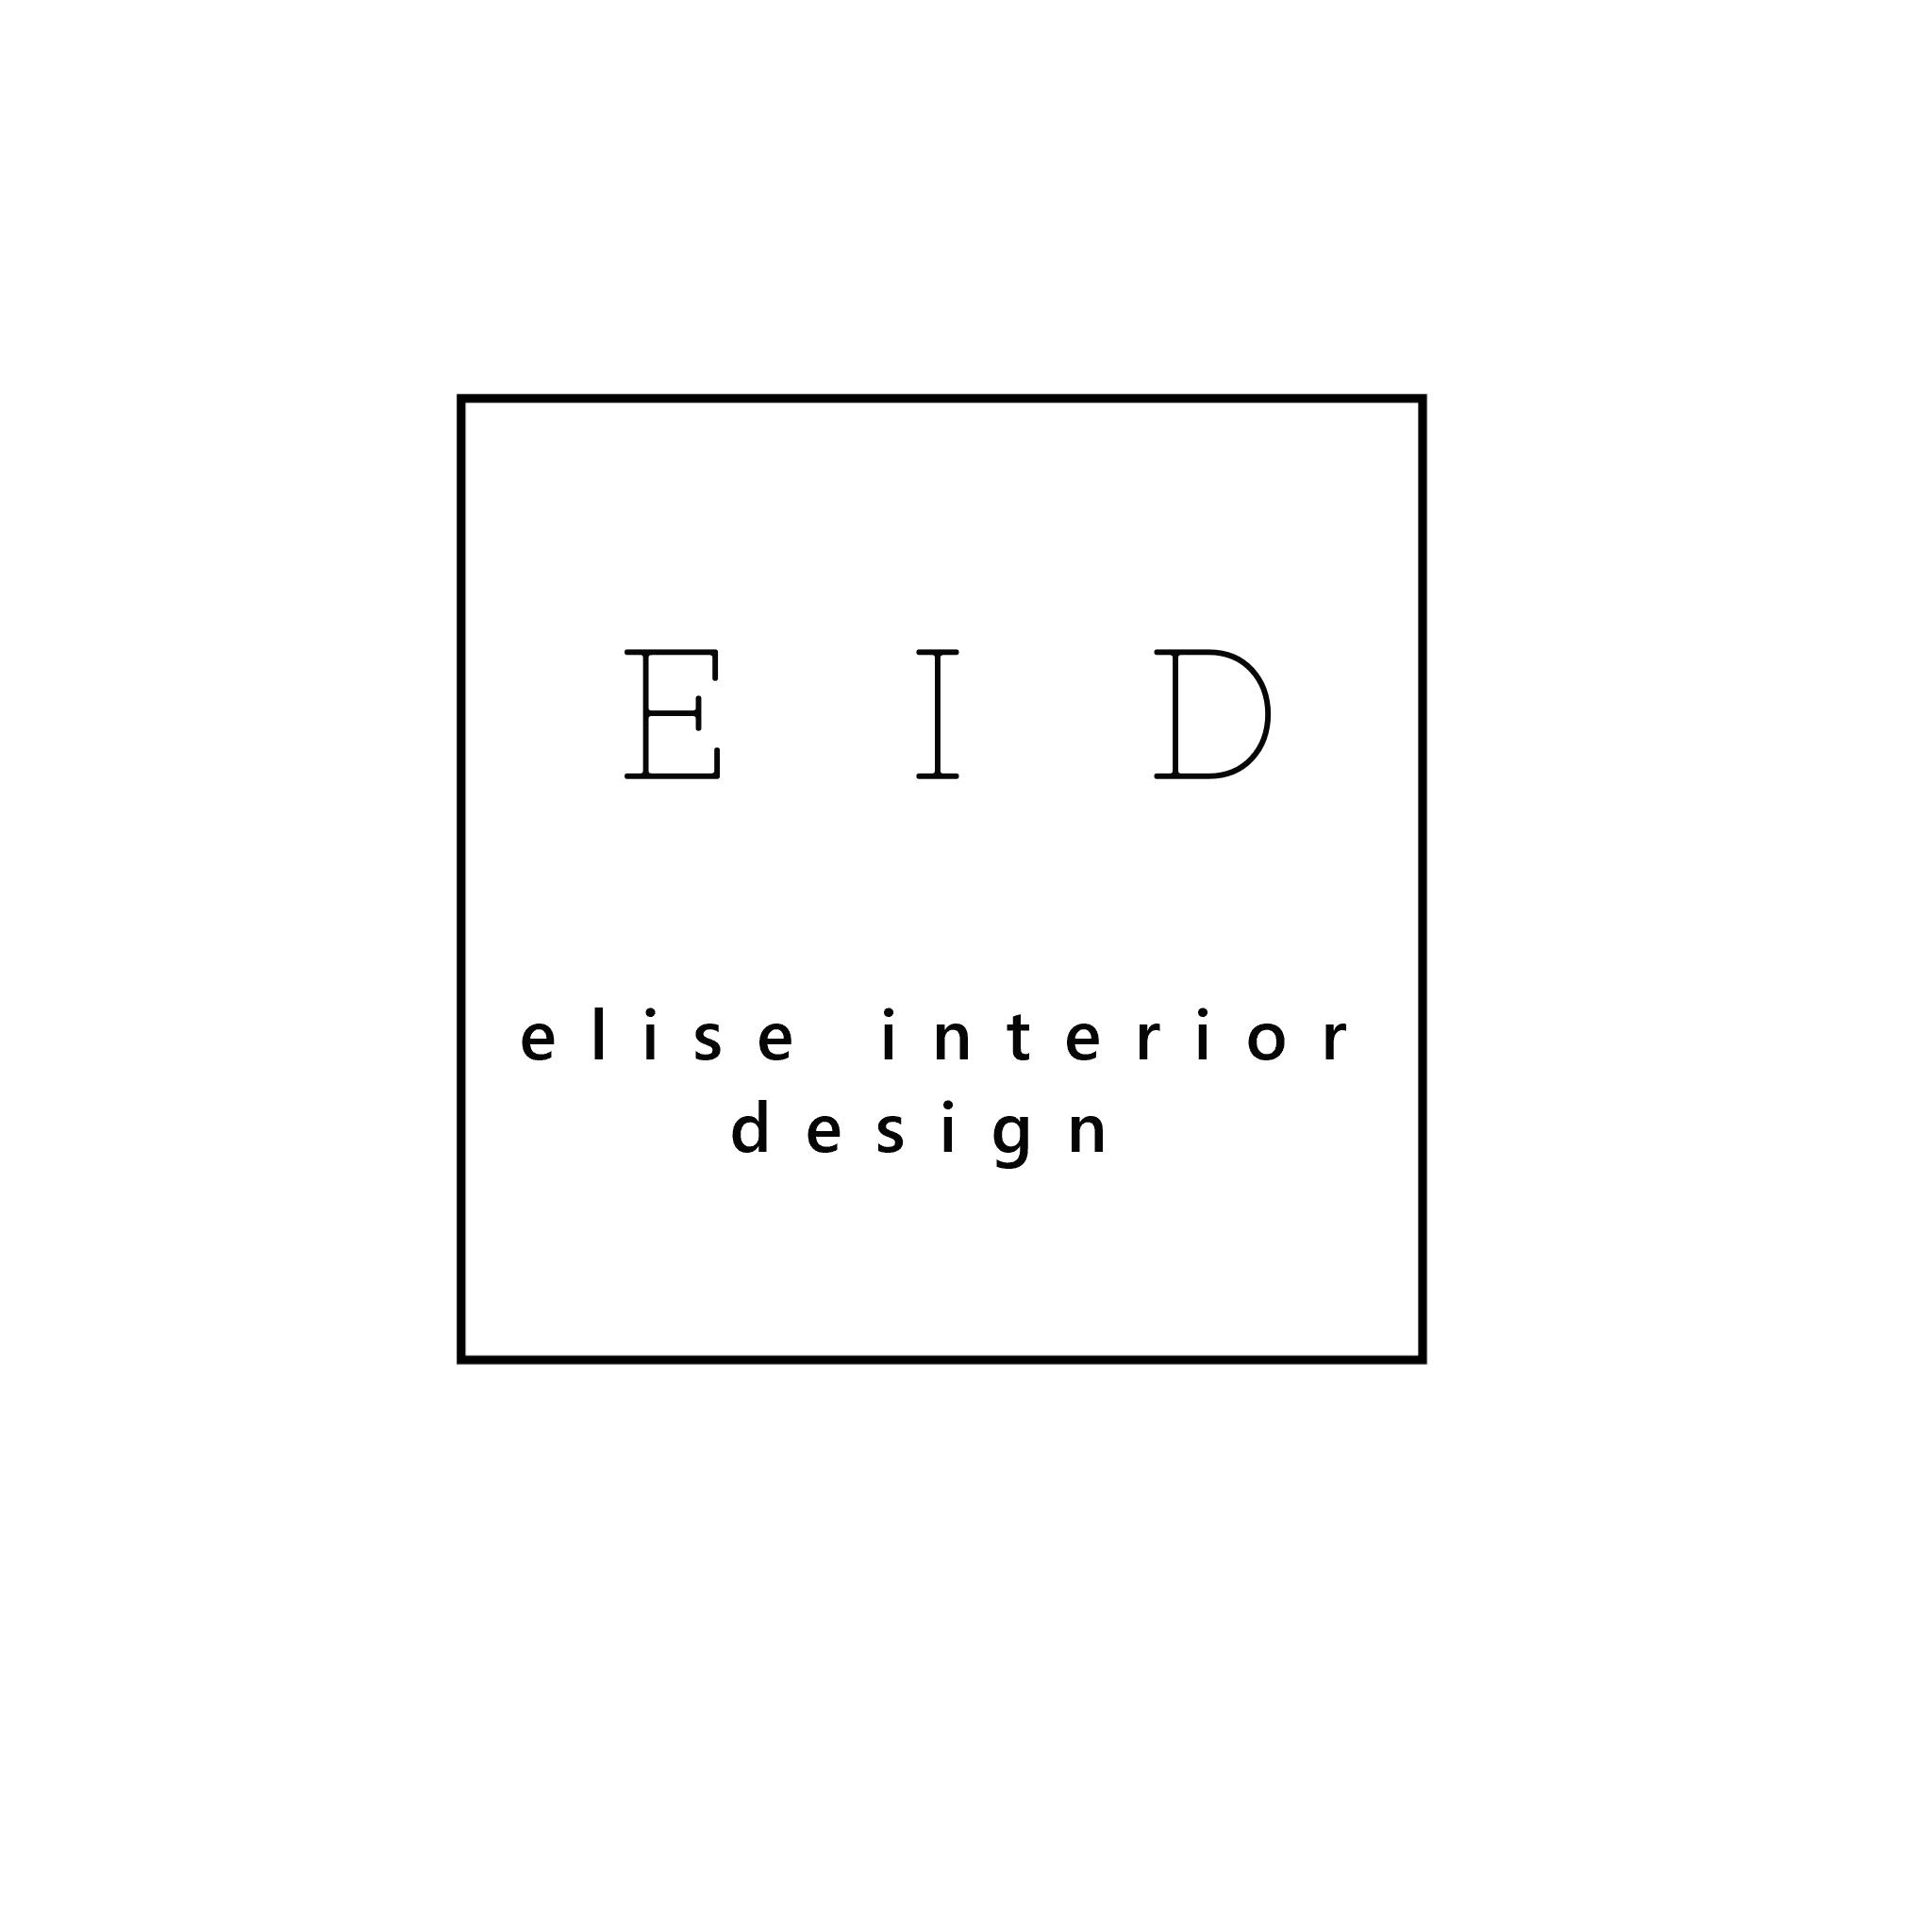 ELISE INTERIOR DESIGN